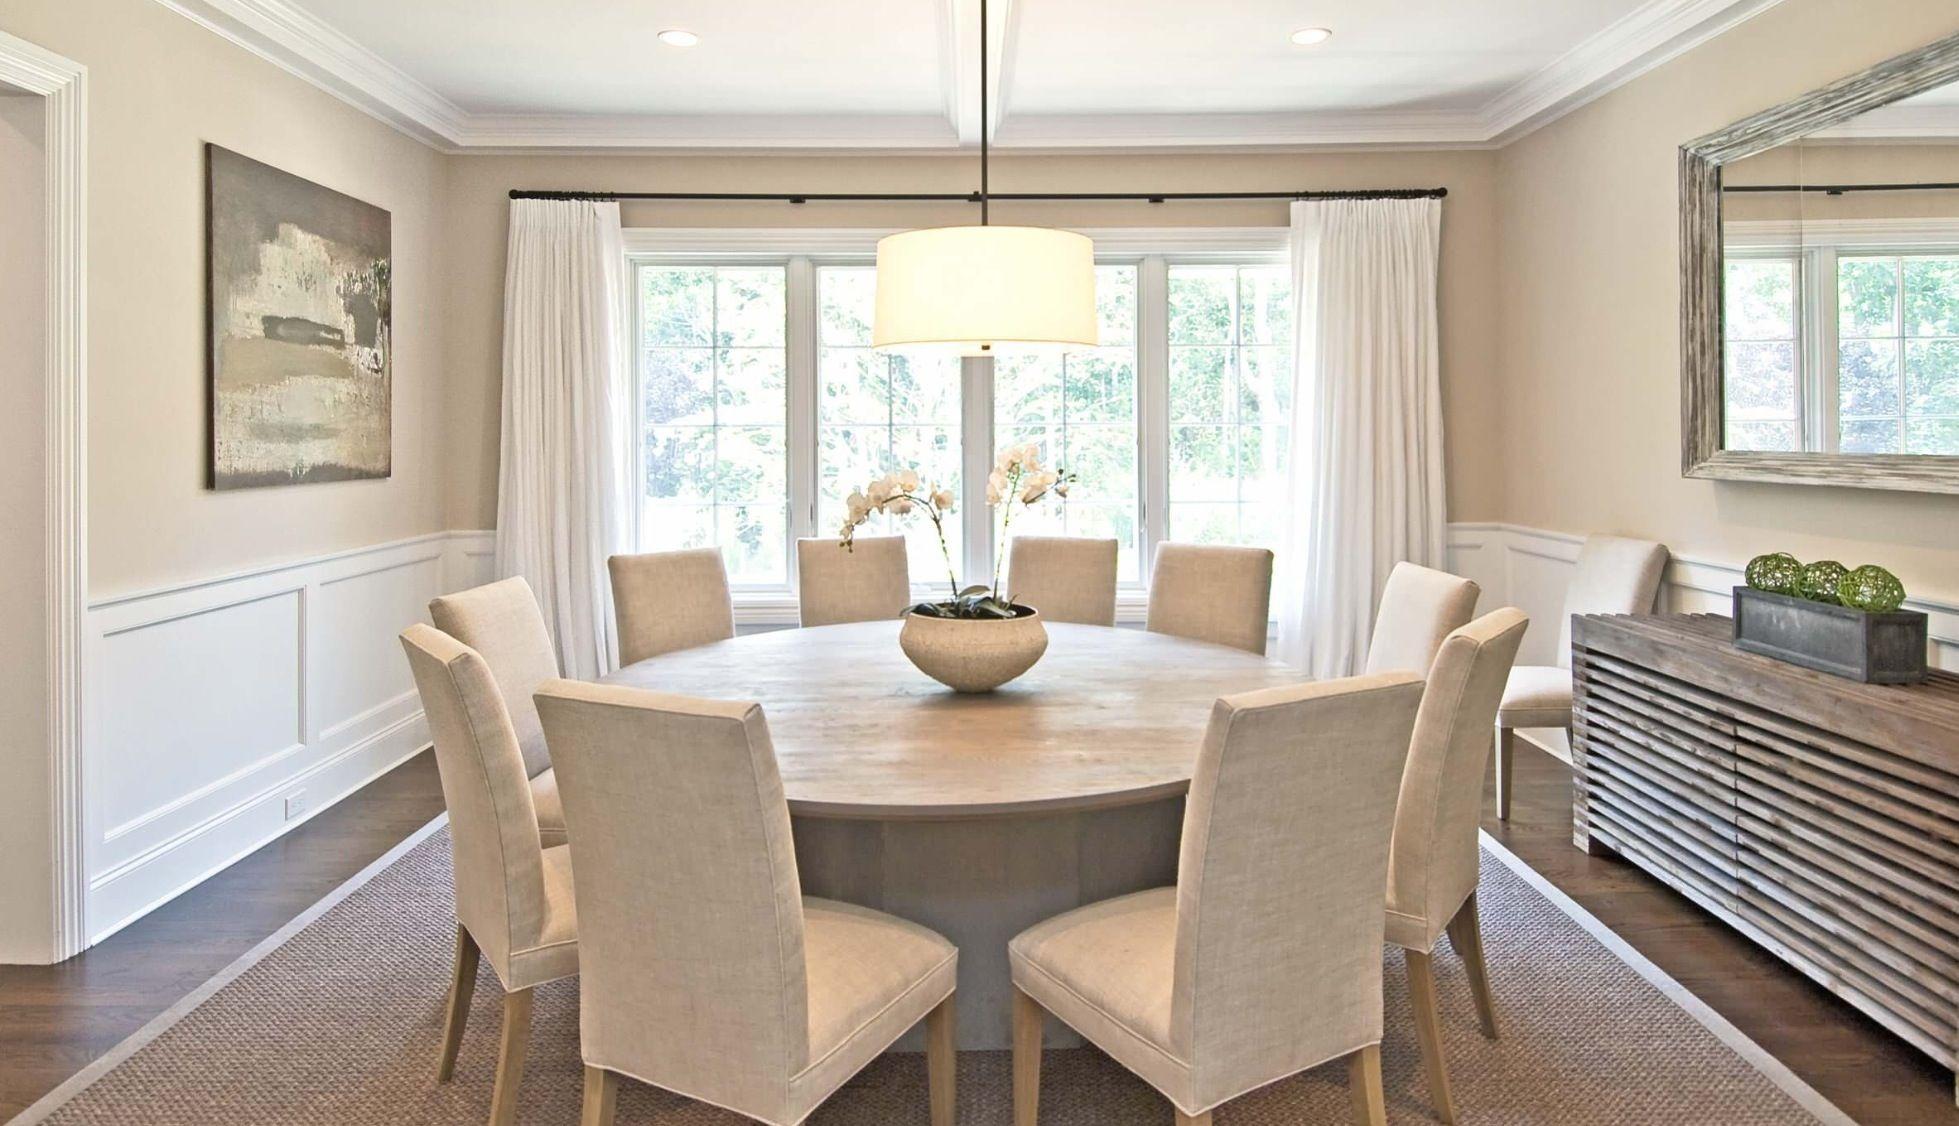 Weißer runder Tisch: ein stilvoller Konsolentisch im Innenraum